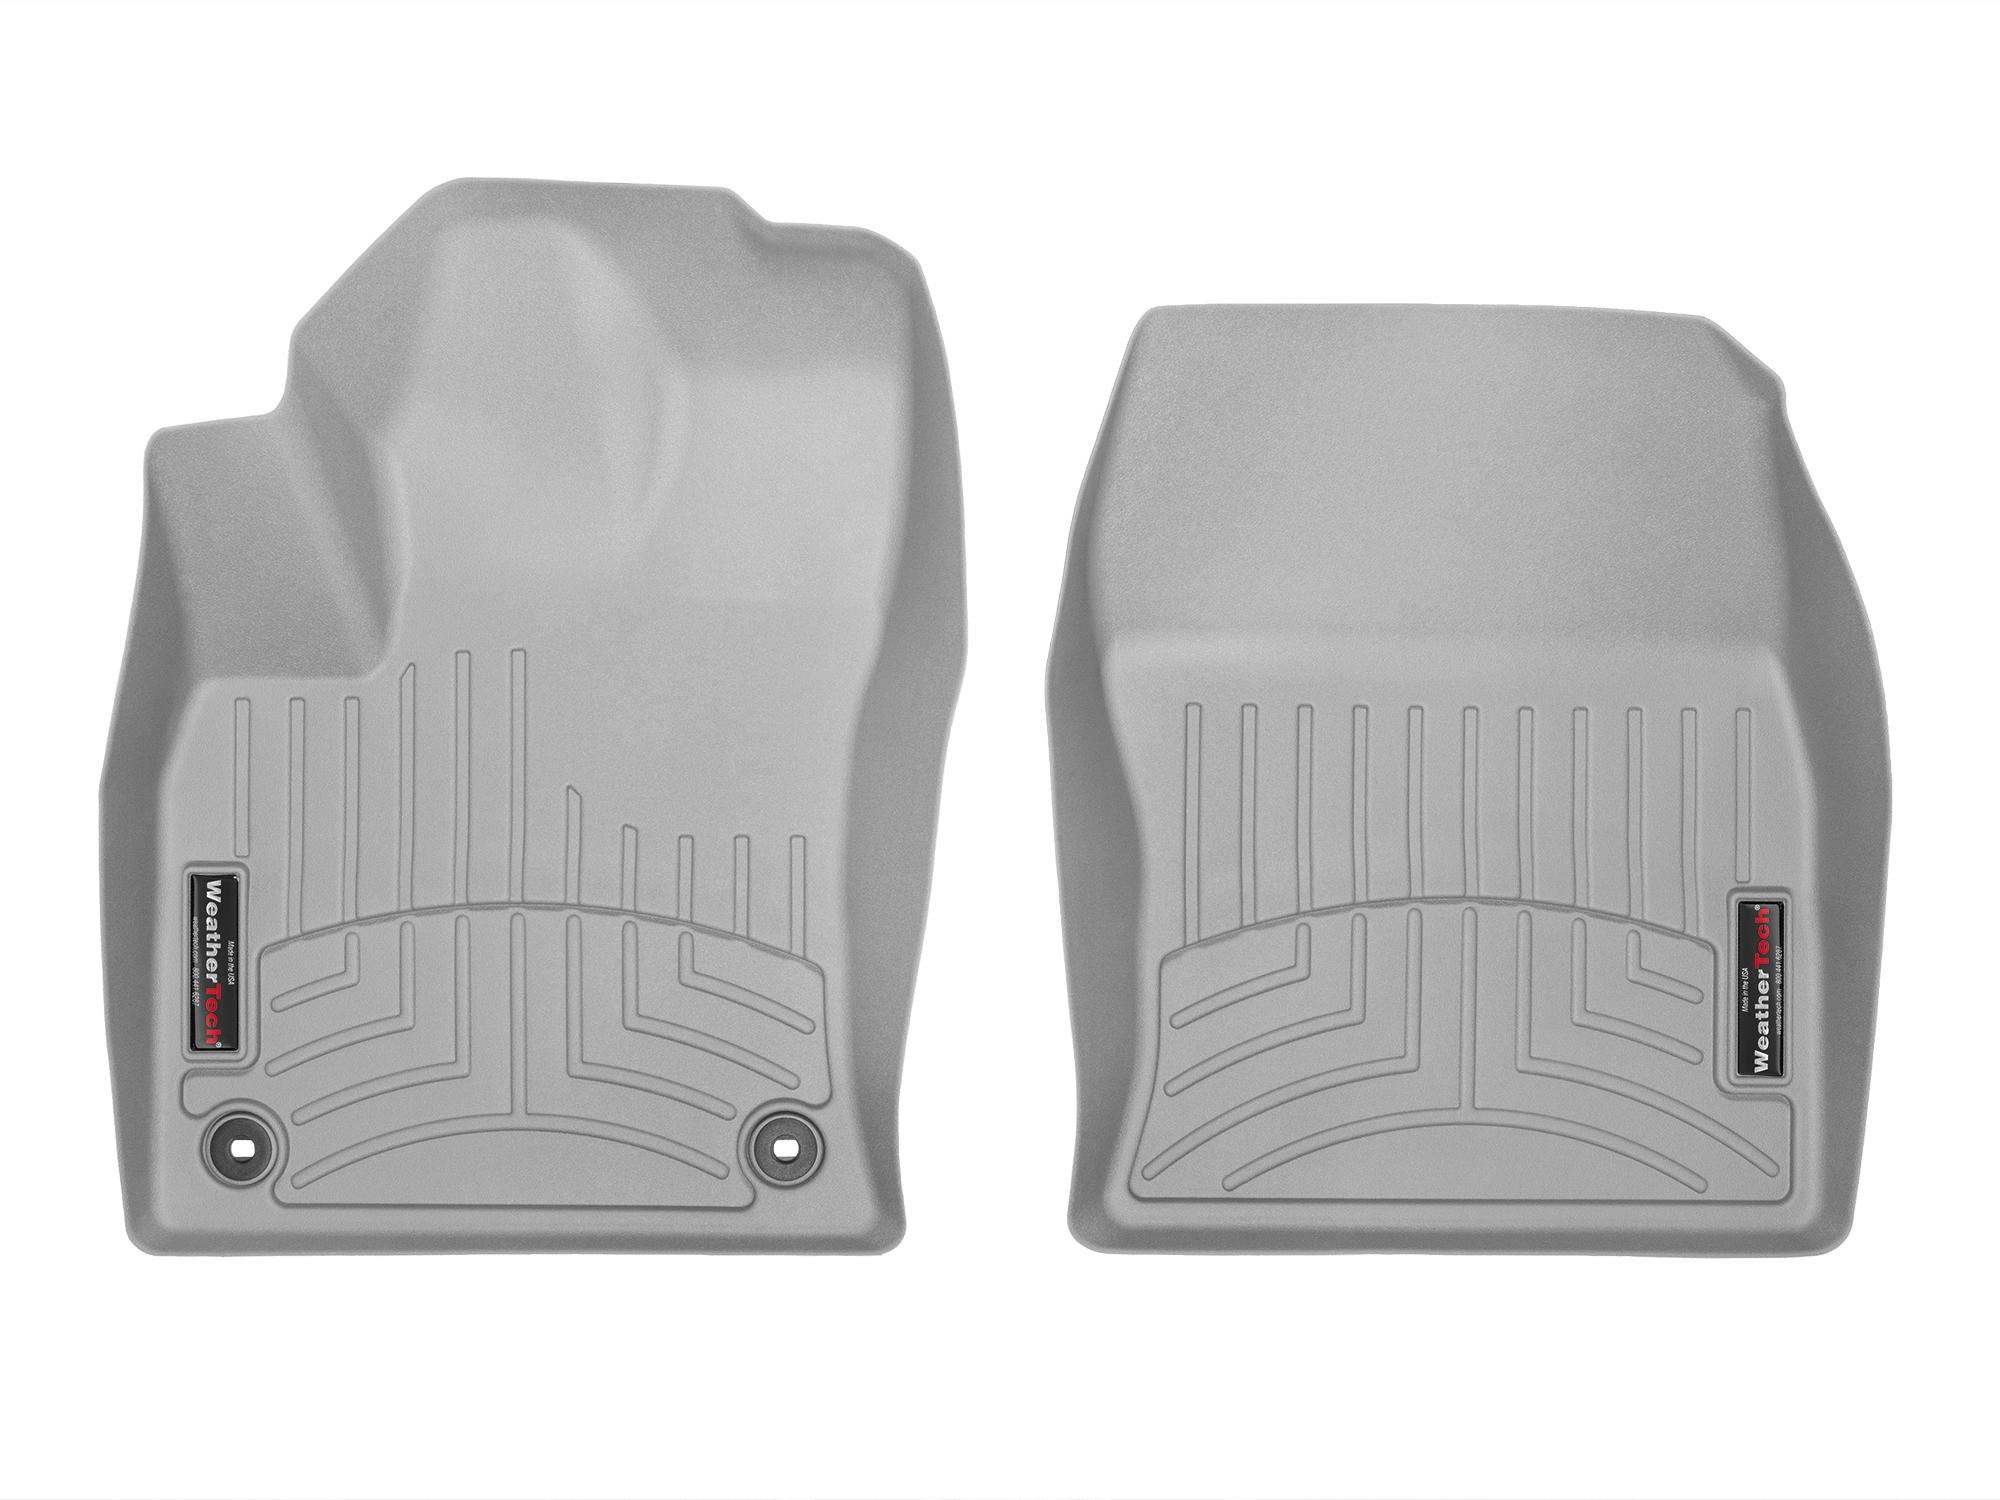 Tappeti gomma su misura bordo alto Toyota Prius 16>16 Grigio A3769*